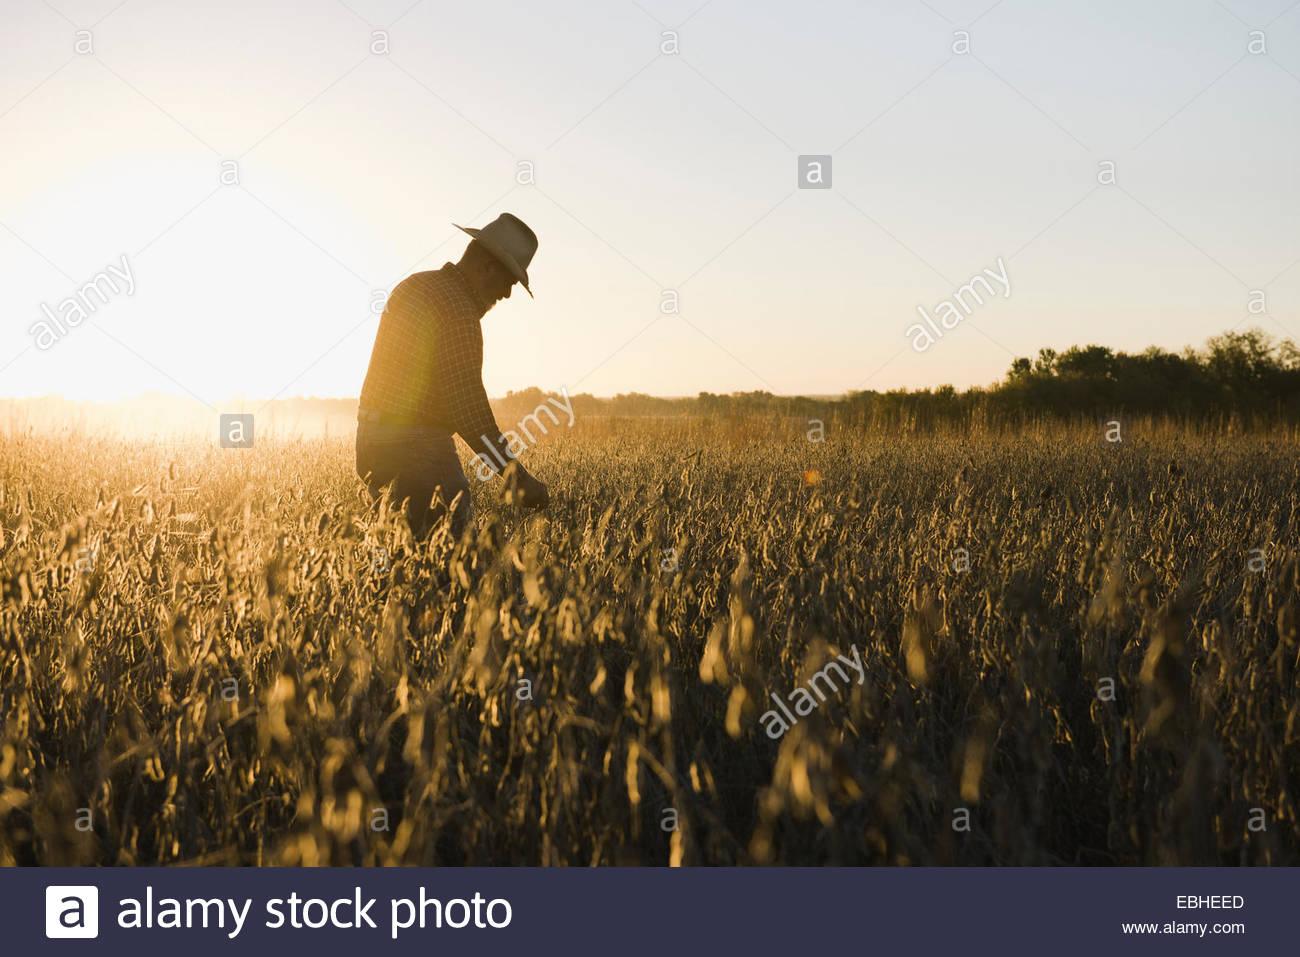 Stagliano senior agricoltore maschio guardando il raccolto di soia al tramonto, Plattsburg, Missouri, Stati Uniti Immagini Stock